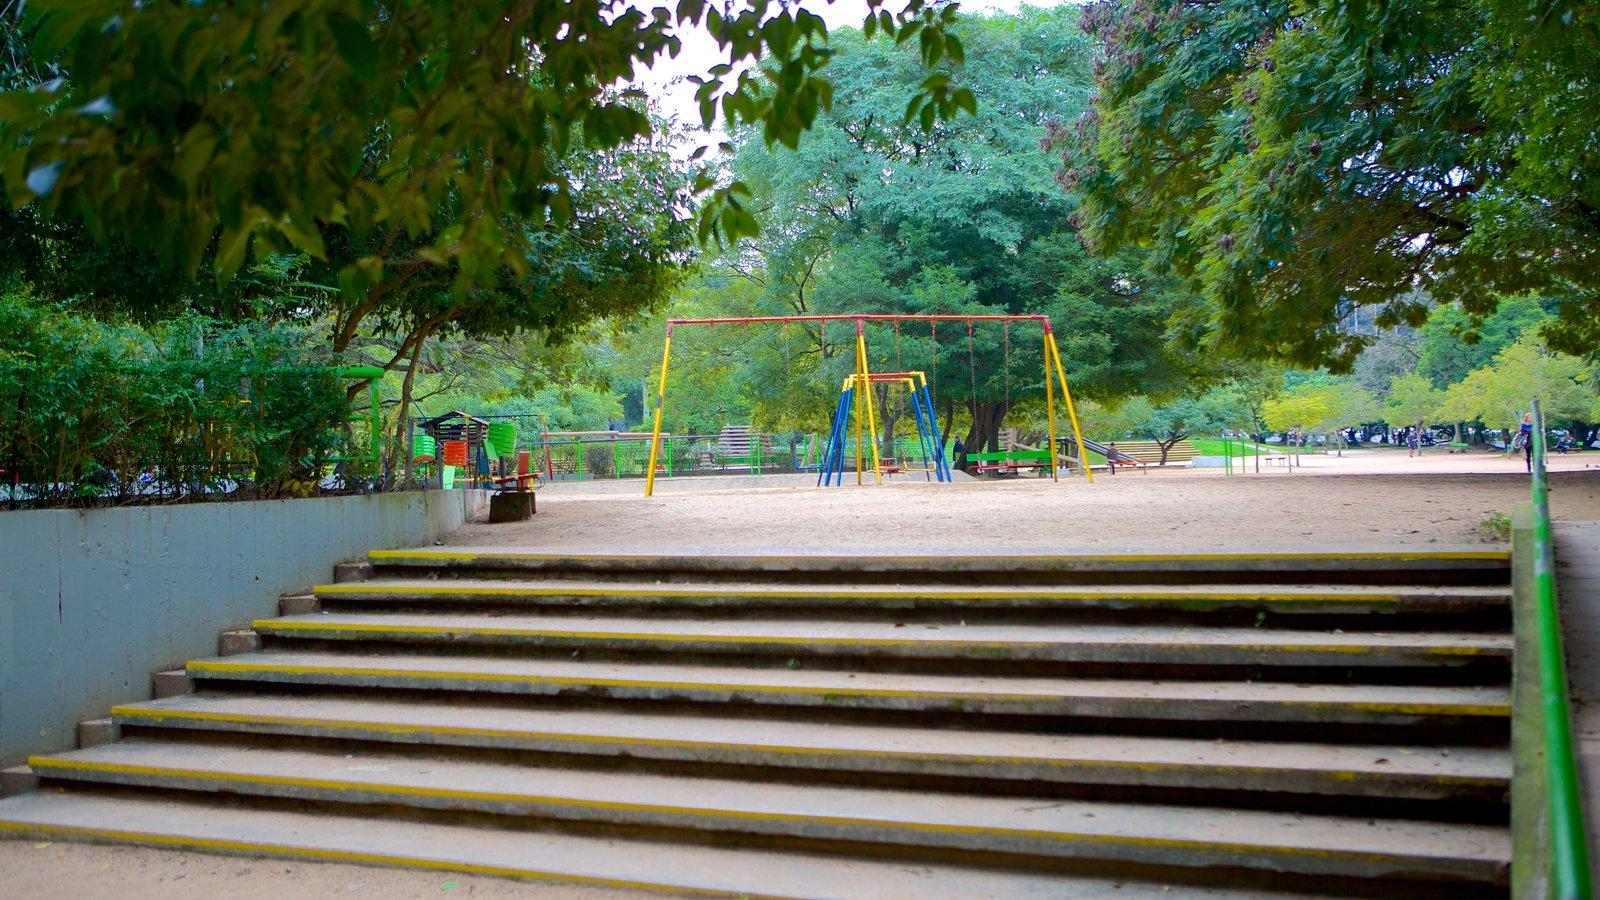 Parque Moinhos de Vento mostrando um parque e um parquinho